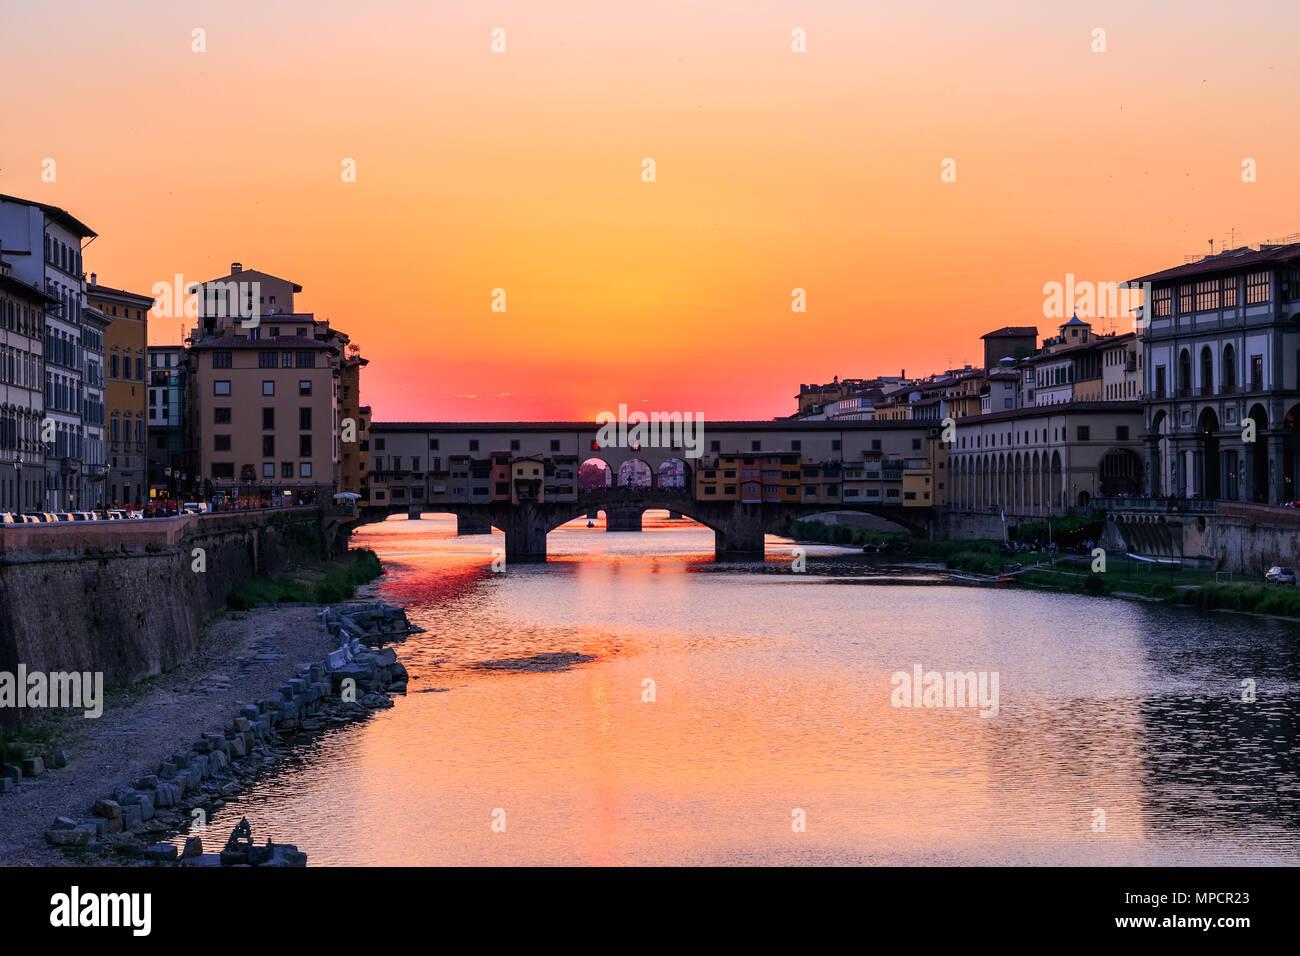 Coucher du soleil à Ponte Vecchio (Vieux Pont) sur l'Arno à Florence, Italie Photo Stock